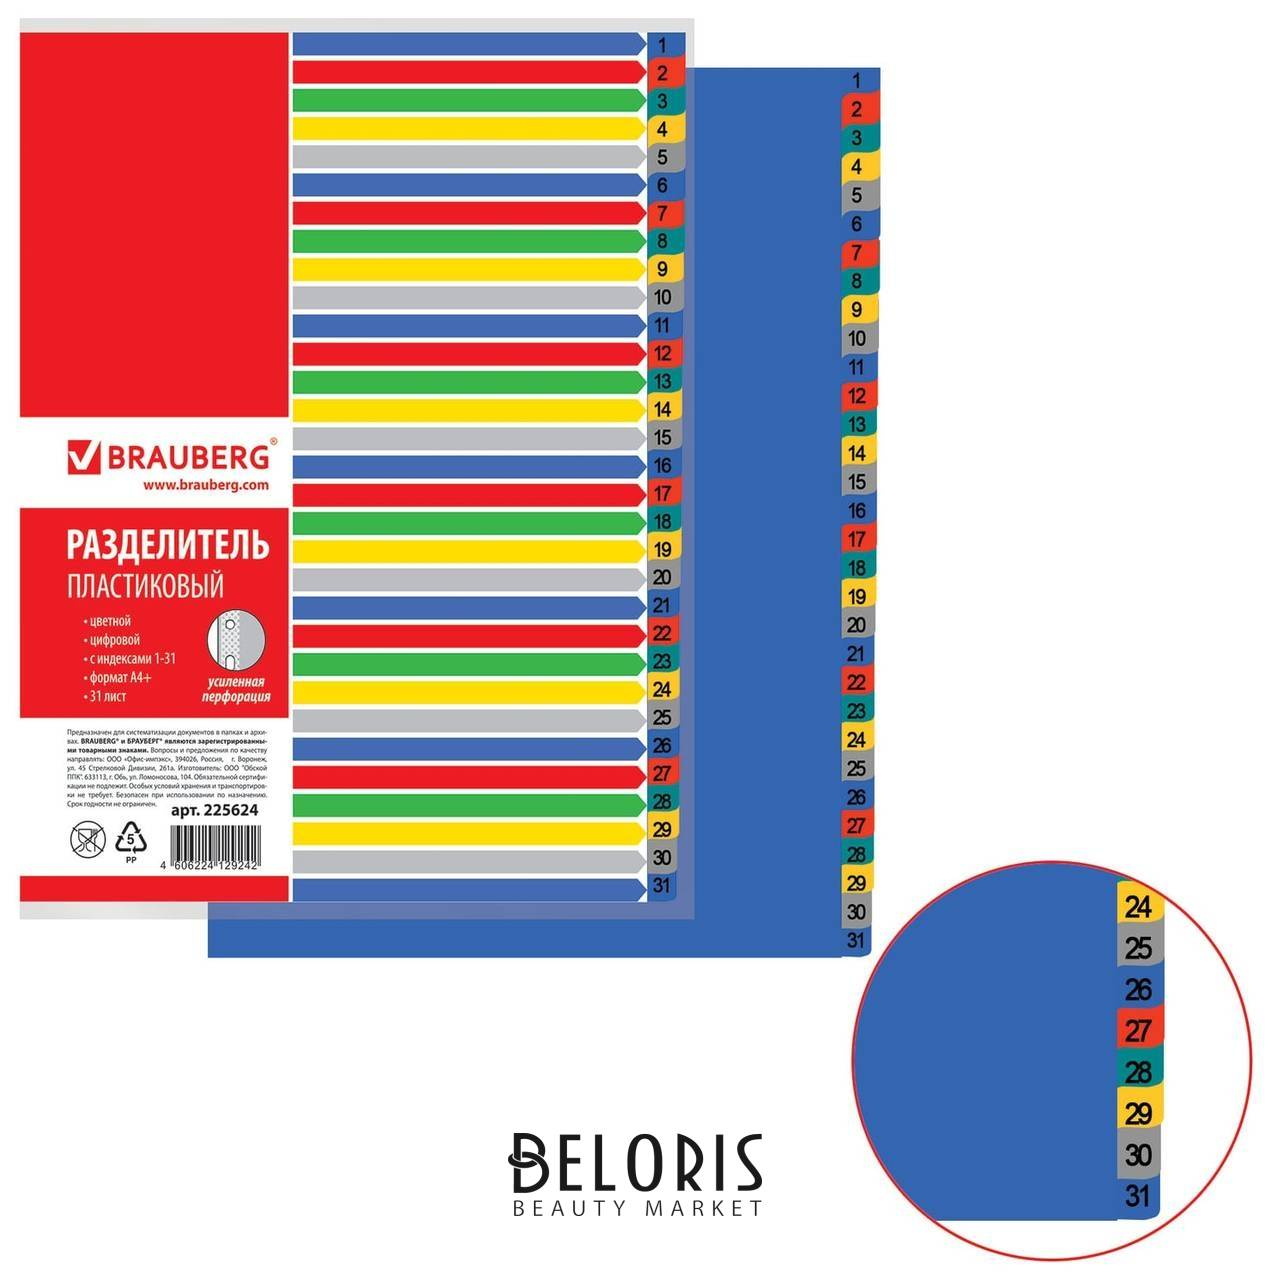 Разделитель пластиковый Brauberg, А4+, 31 лист, цифровой 1-31, оглавление, цветной Brauberg